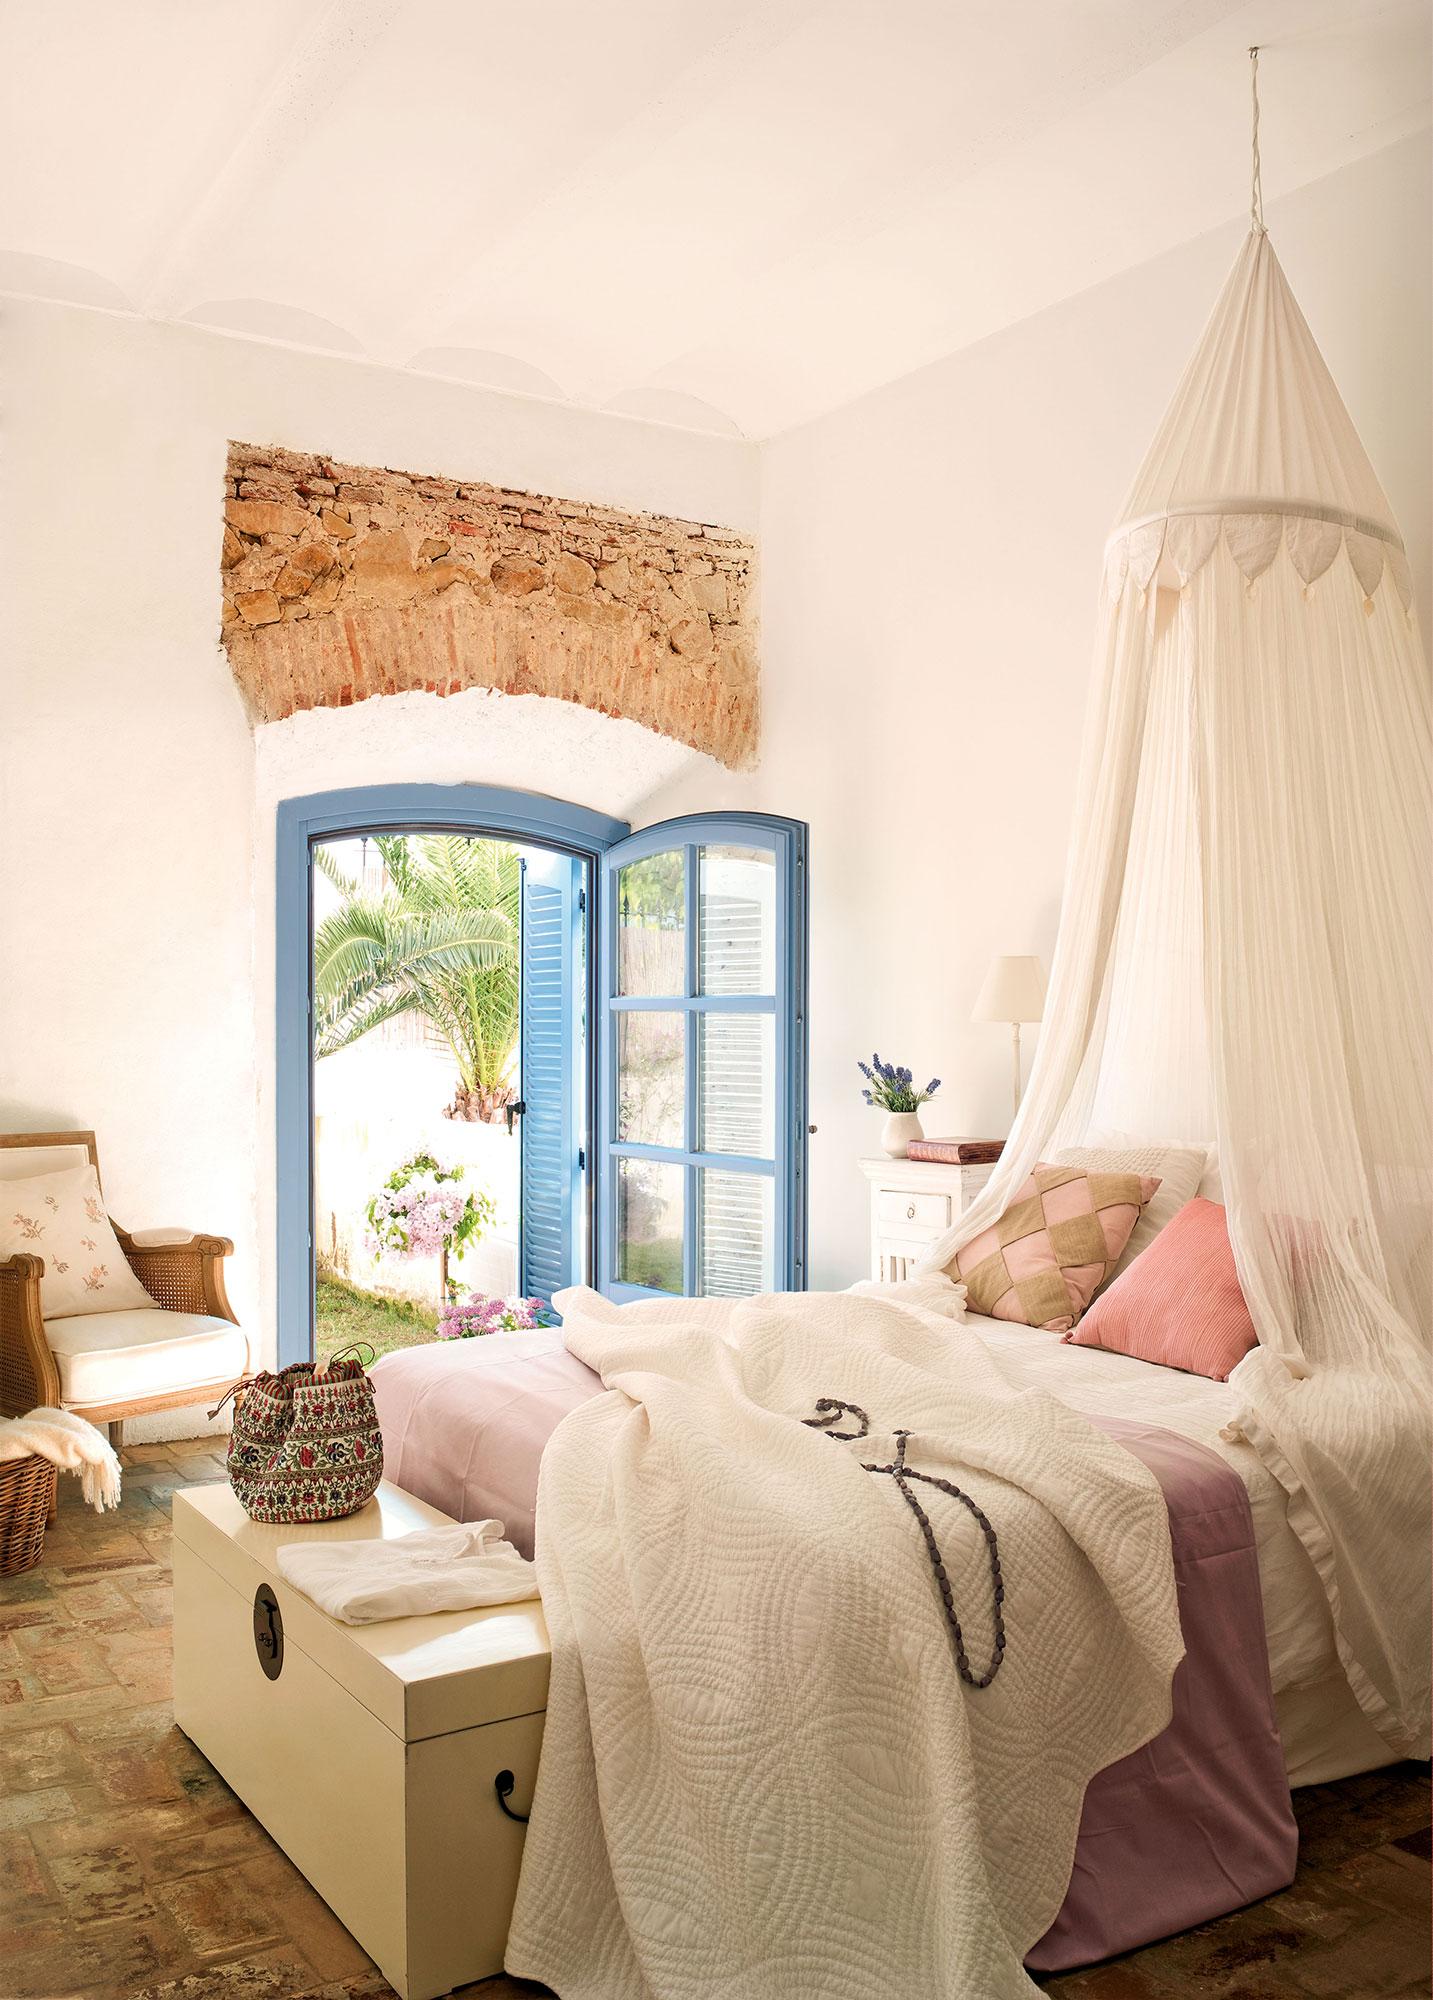 Dormitorios frescos viste tu habitaci n para el verano - Cama con dosel ...